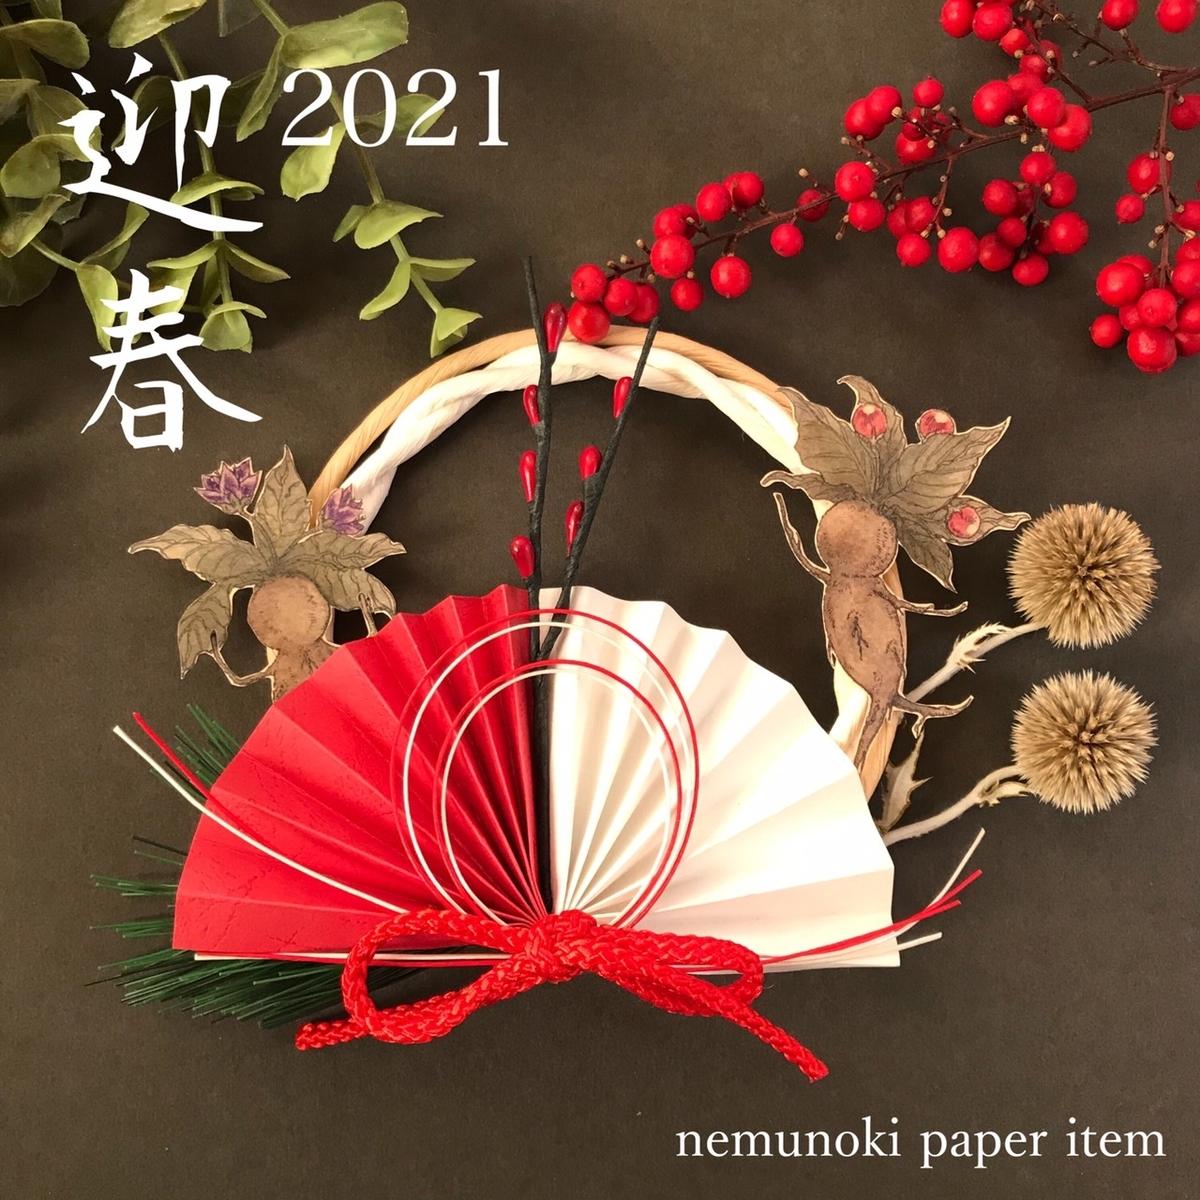 f:id:nemunoki-letter:20210106142315j:plain